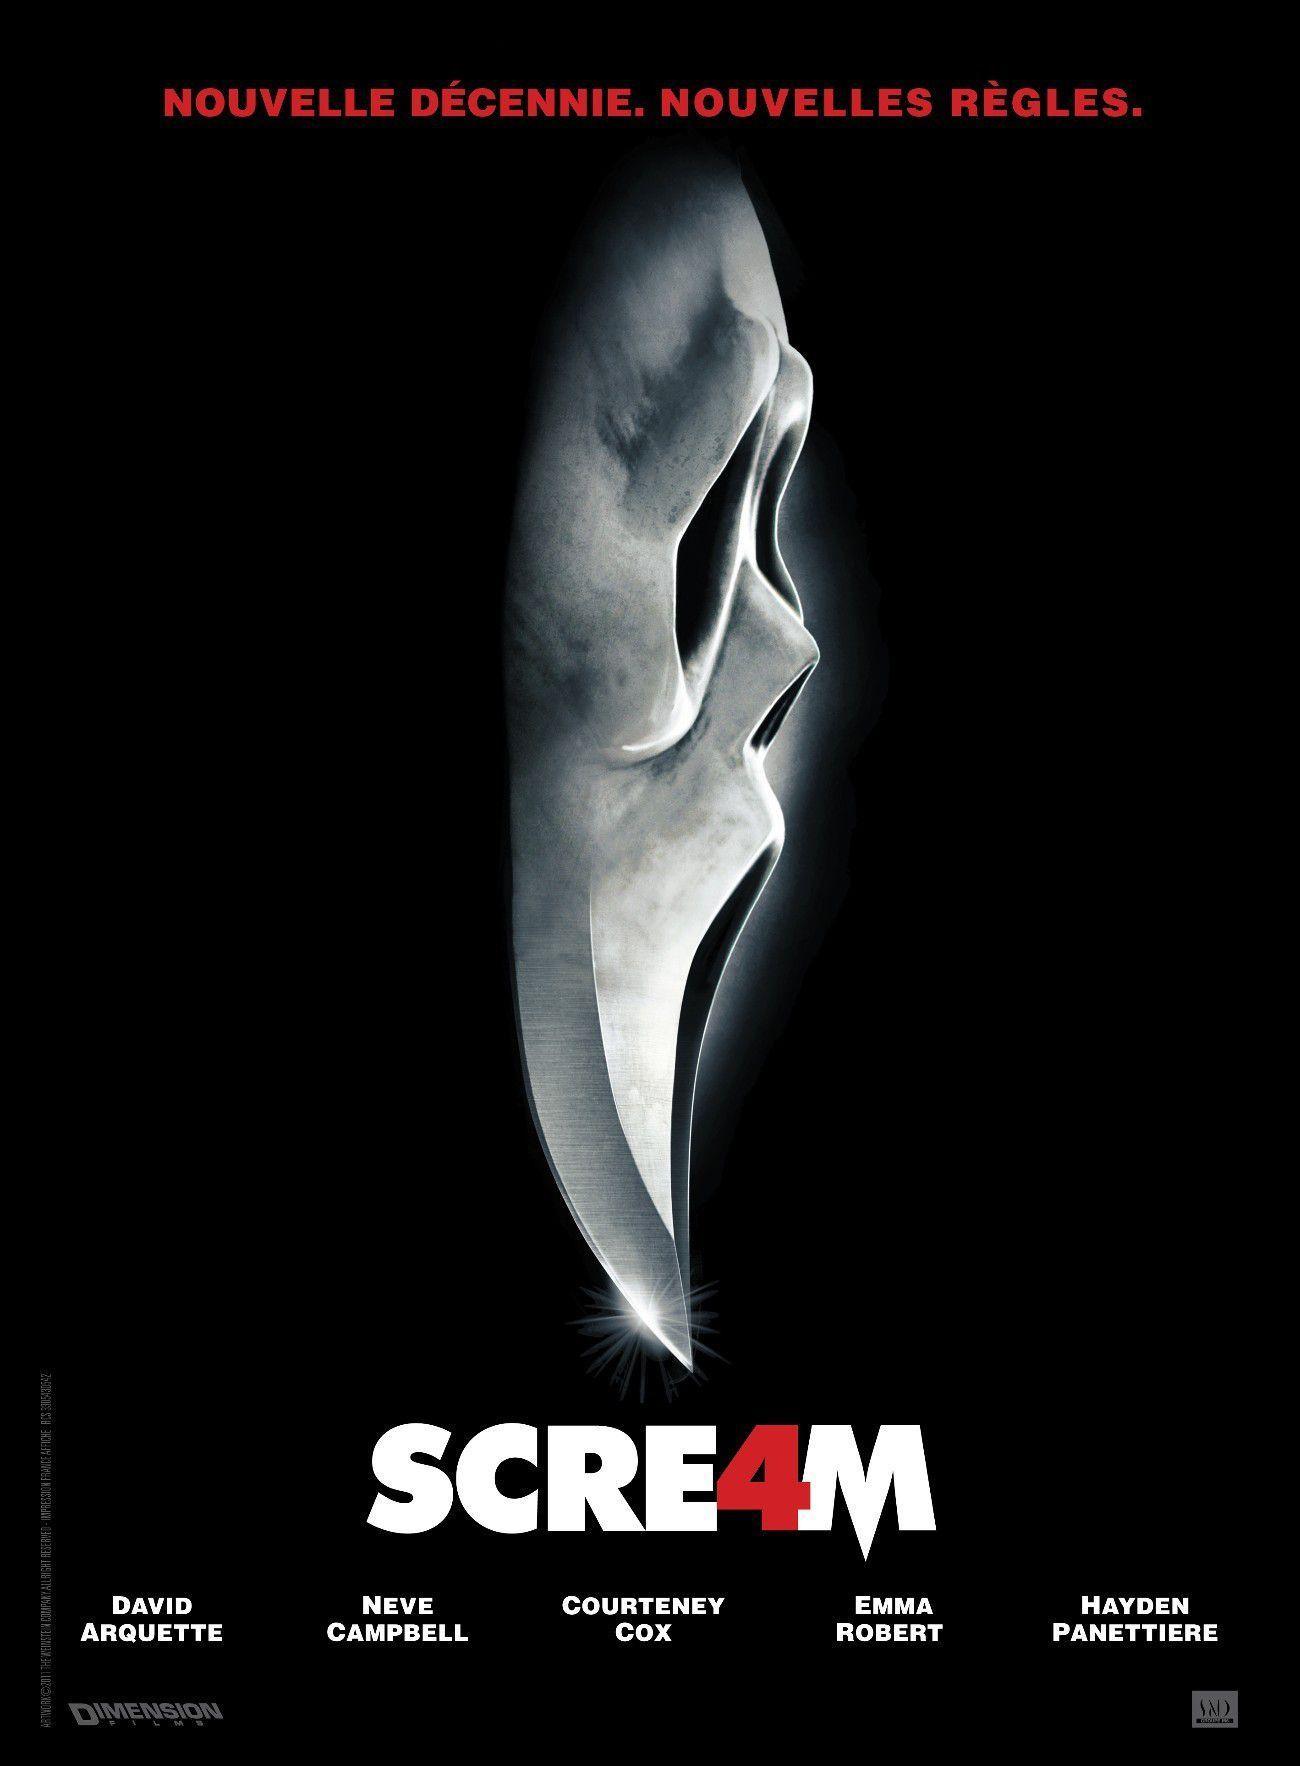 Scream 4 - Film (2011)